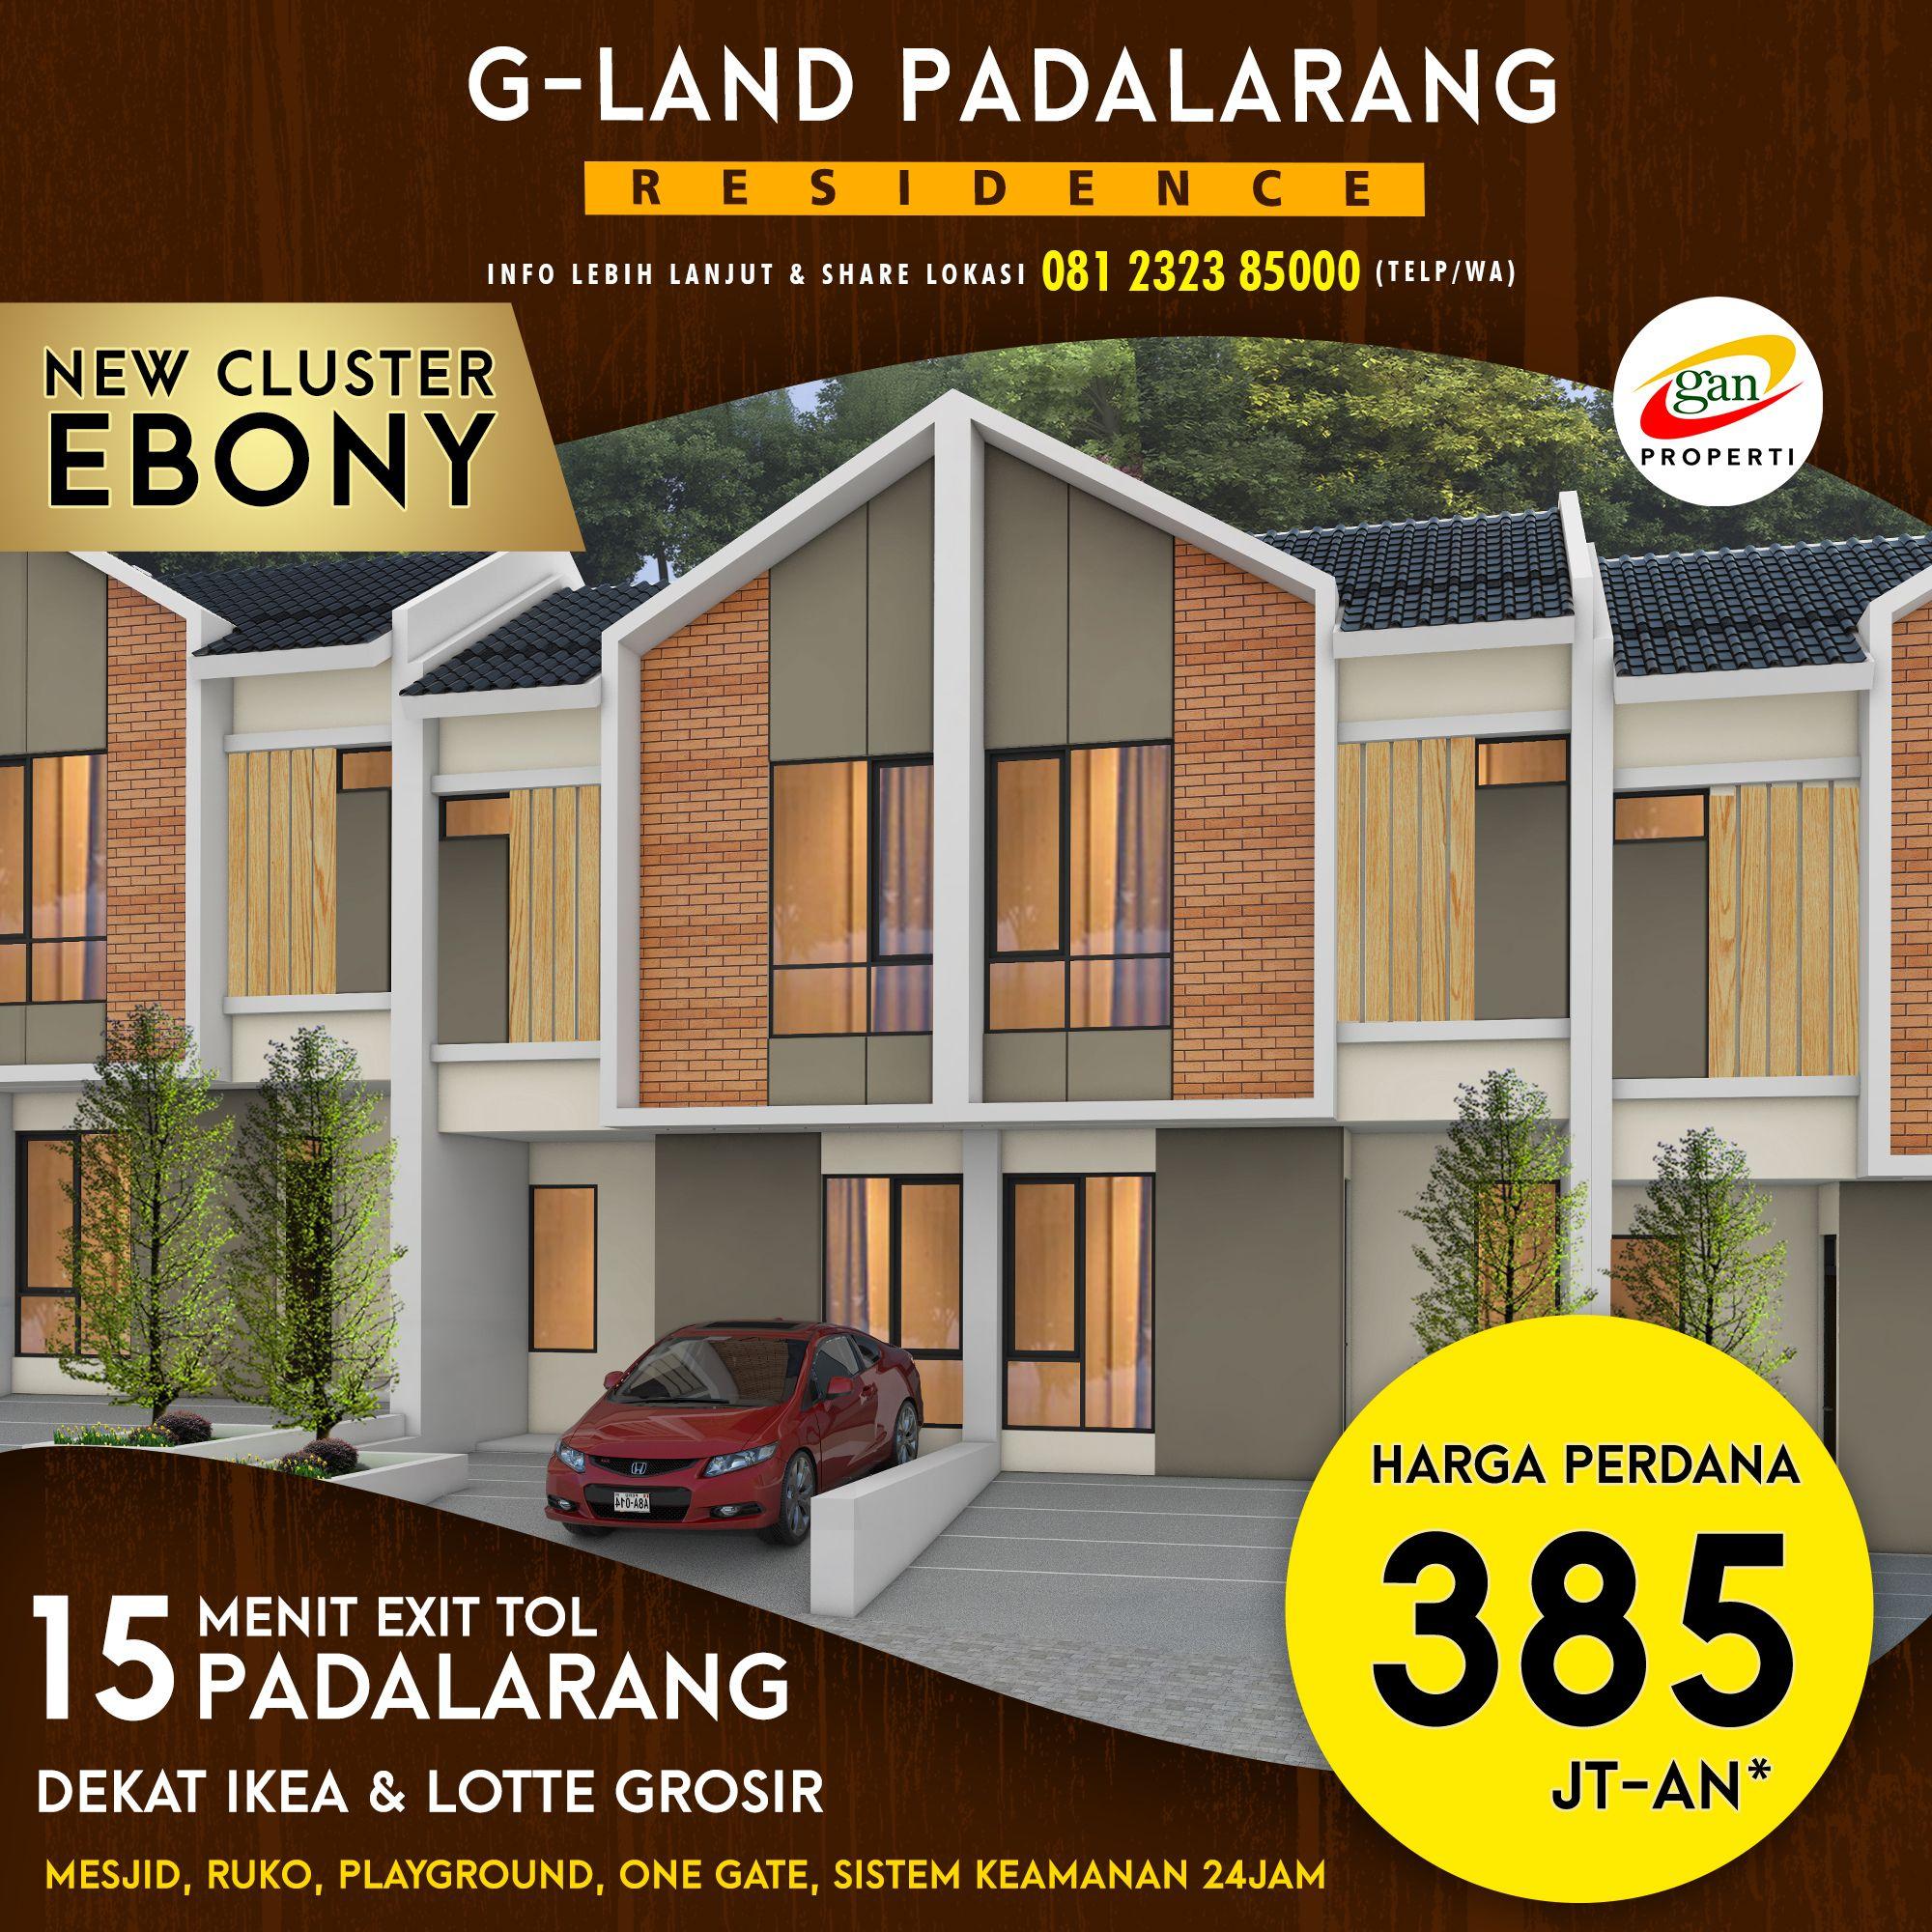 Rumah Bandung Barat Cluster Ebony Padalarang Jayamekar Harga Perdana Murah Terjangkau Cicilan Ringan Rumah Kota Bandung Modern